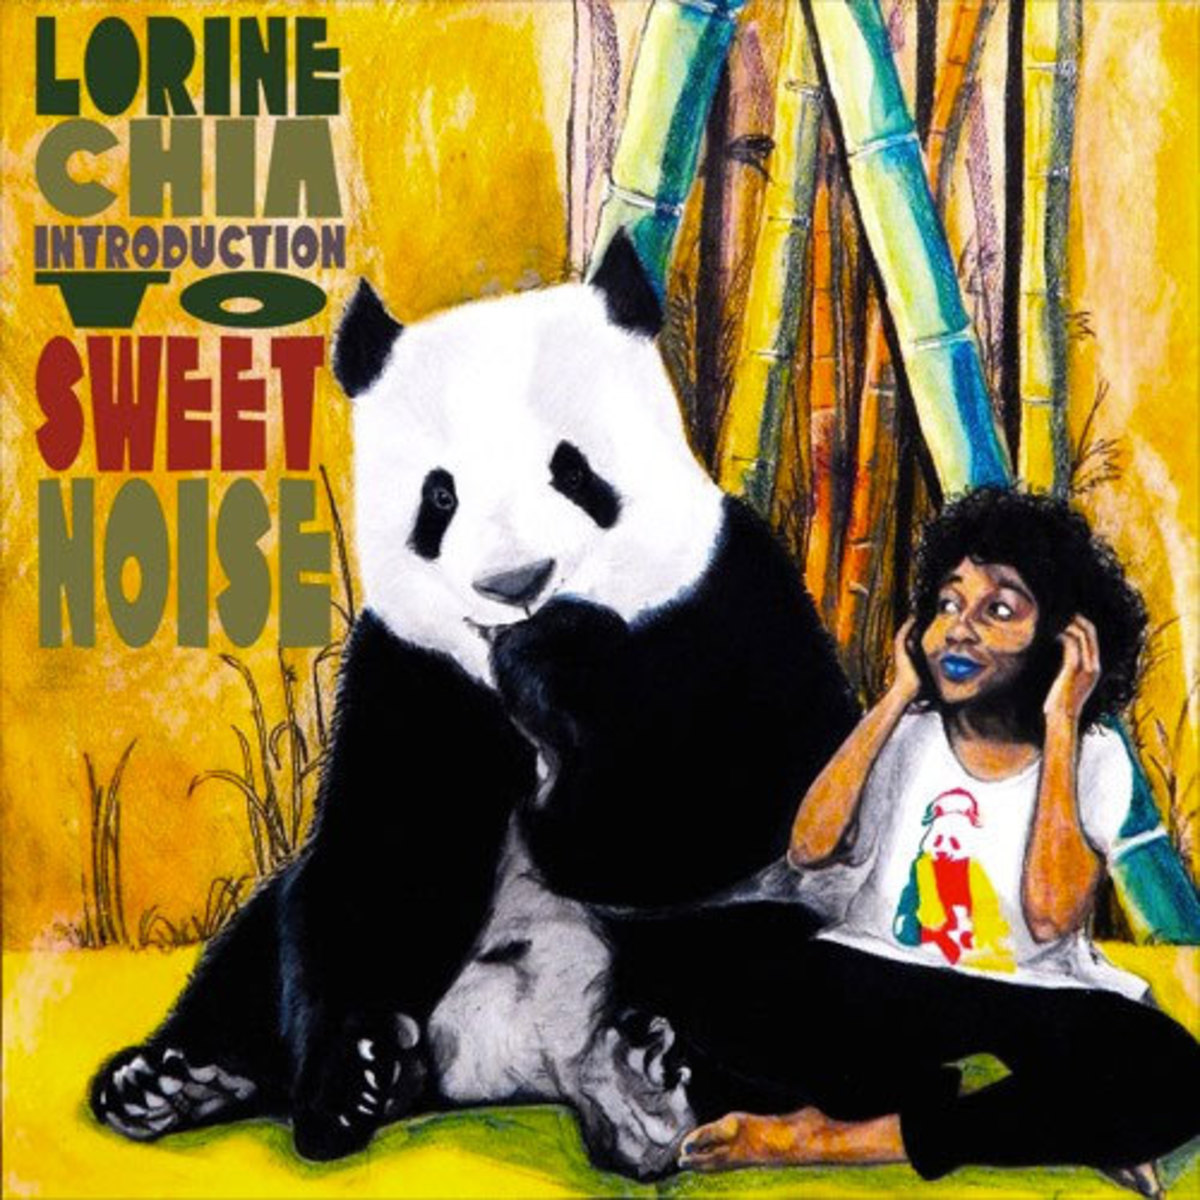 lorine-chia-feeling-groovy.jpg